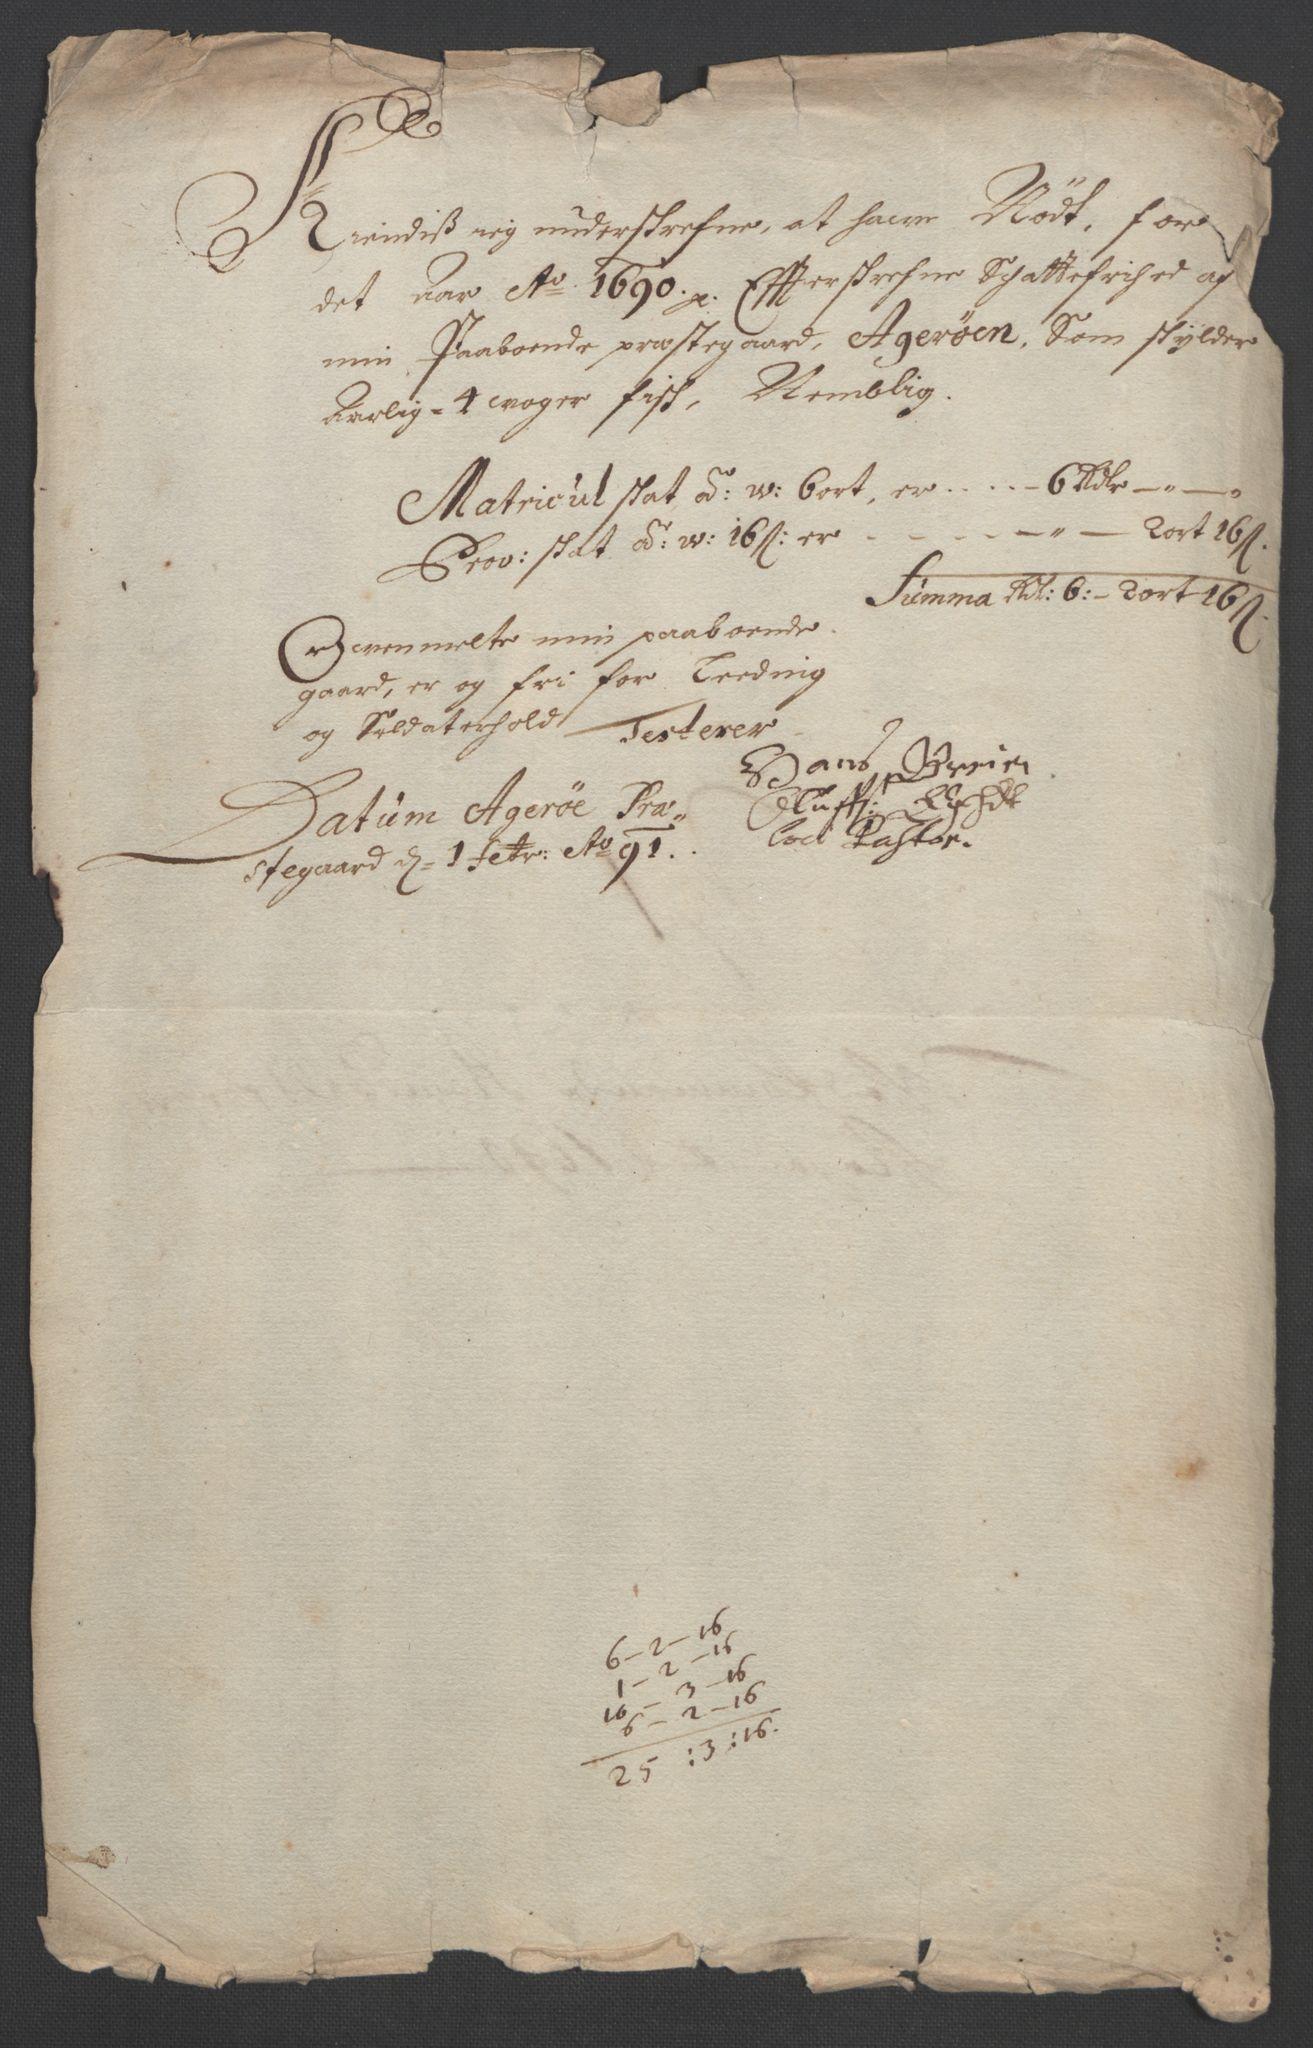 RA, Rentekammeret inntil 1814, Reviderte regnskaper, Fogderegnskap, R55/L3649: Fogderegnskap Romsdal, 1690-1691, s. 162